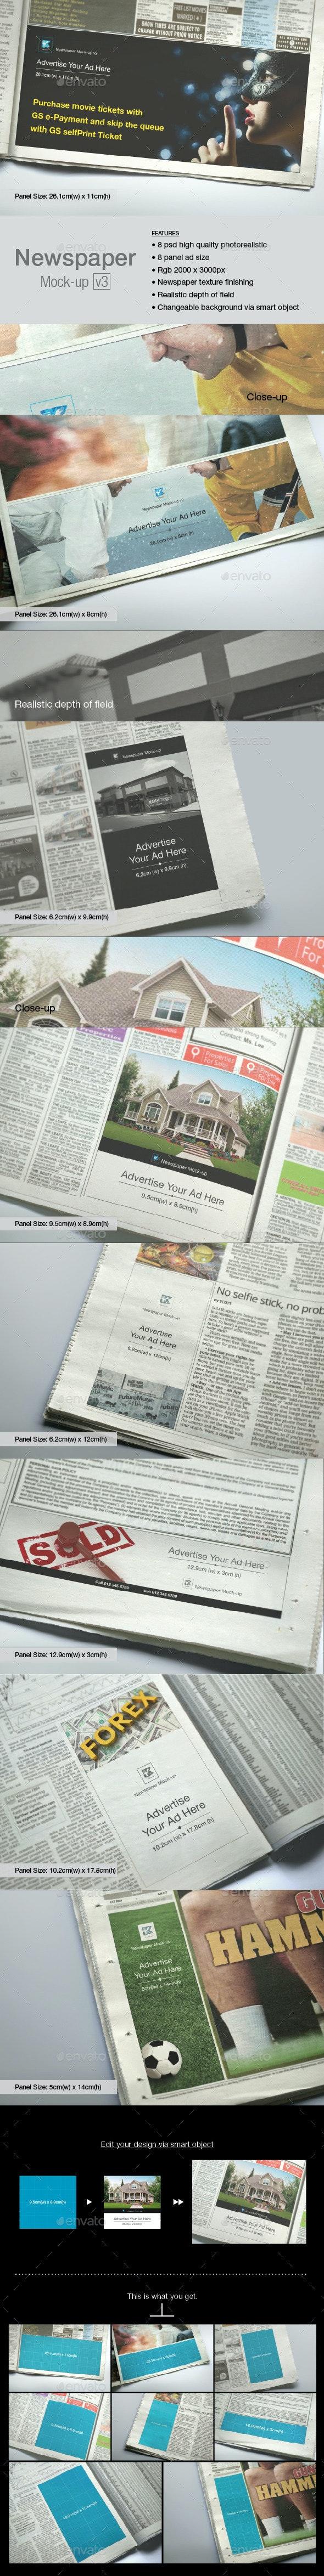 Newspaper Mock-up v3 - Print Product Mock-Ups